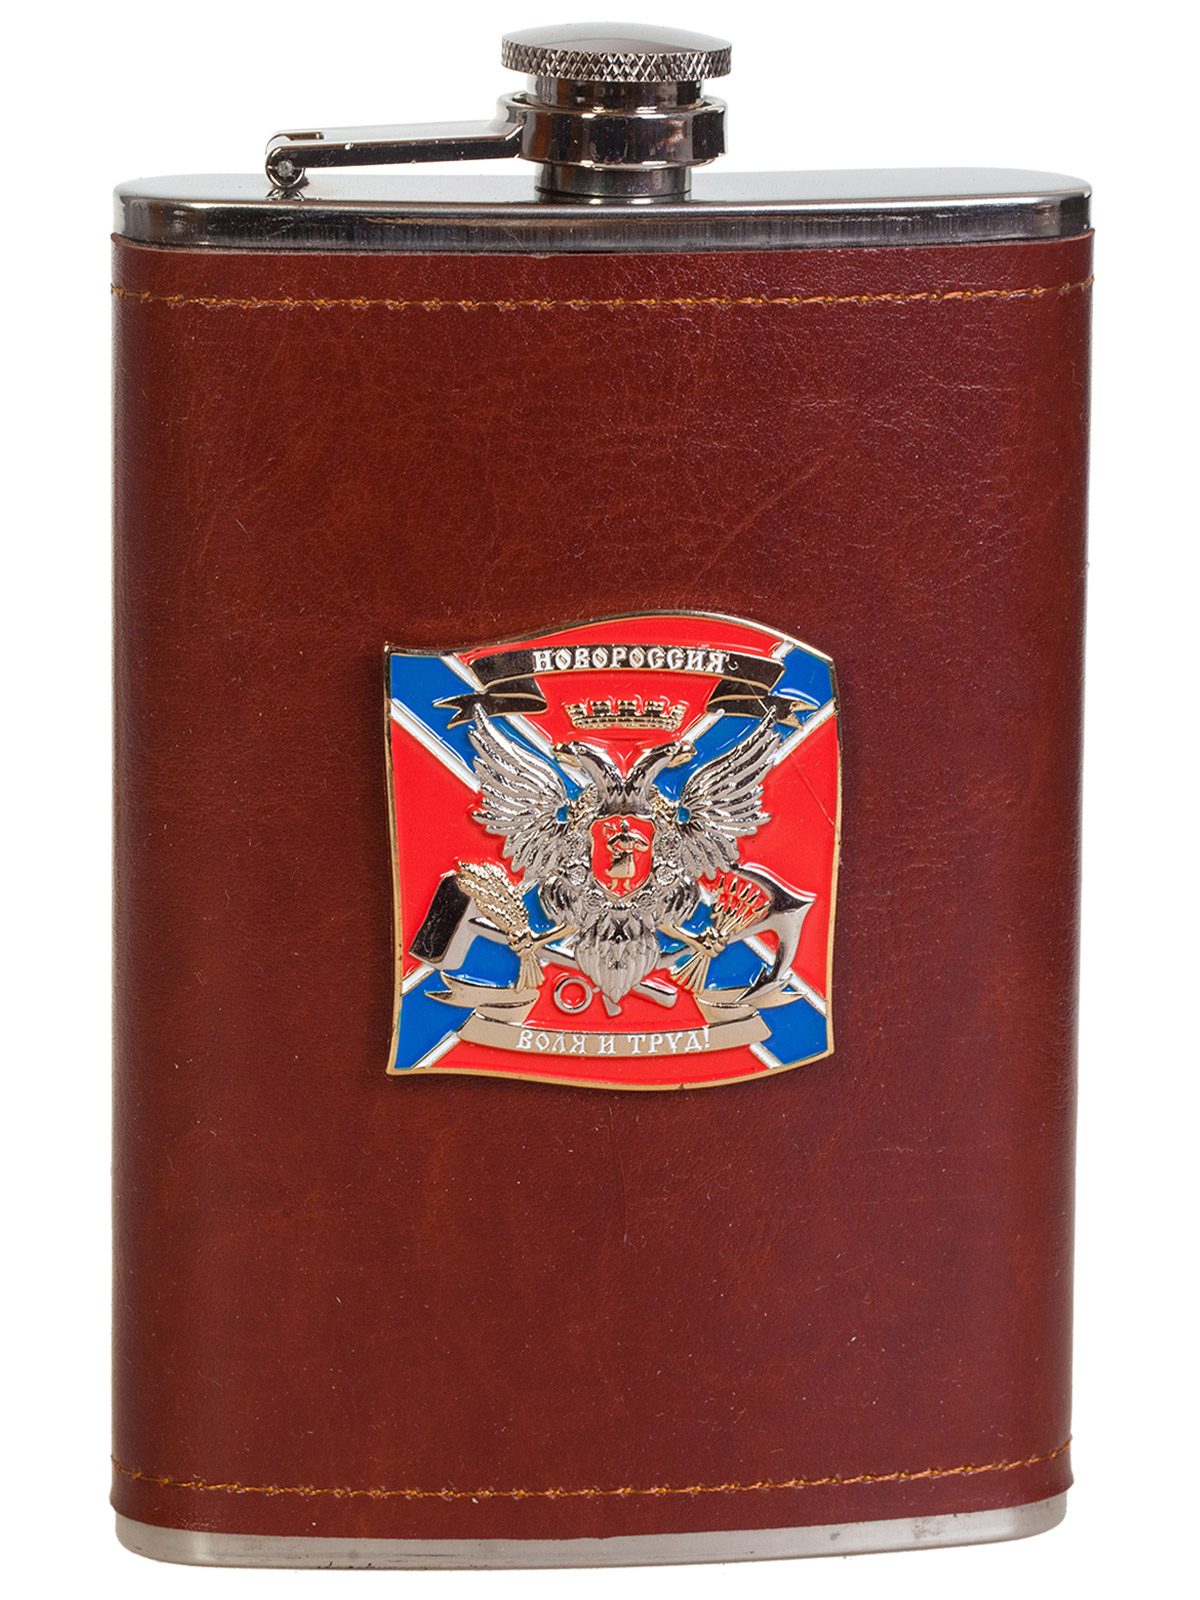 Мужская оригинальная фляга с металлической накладкой Новороссия